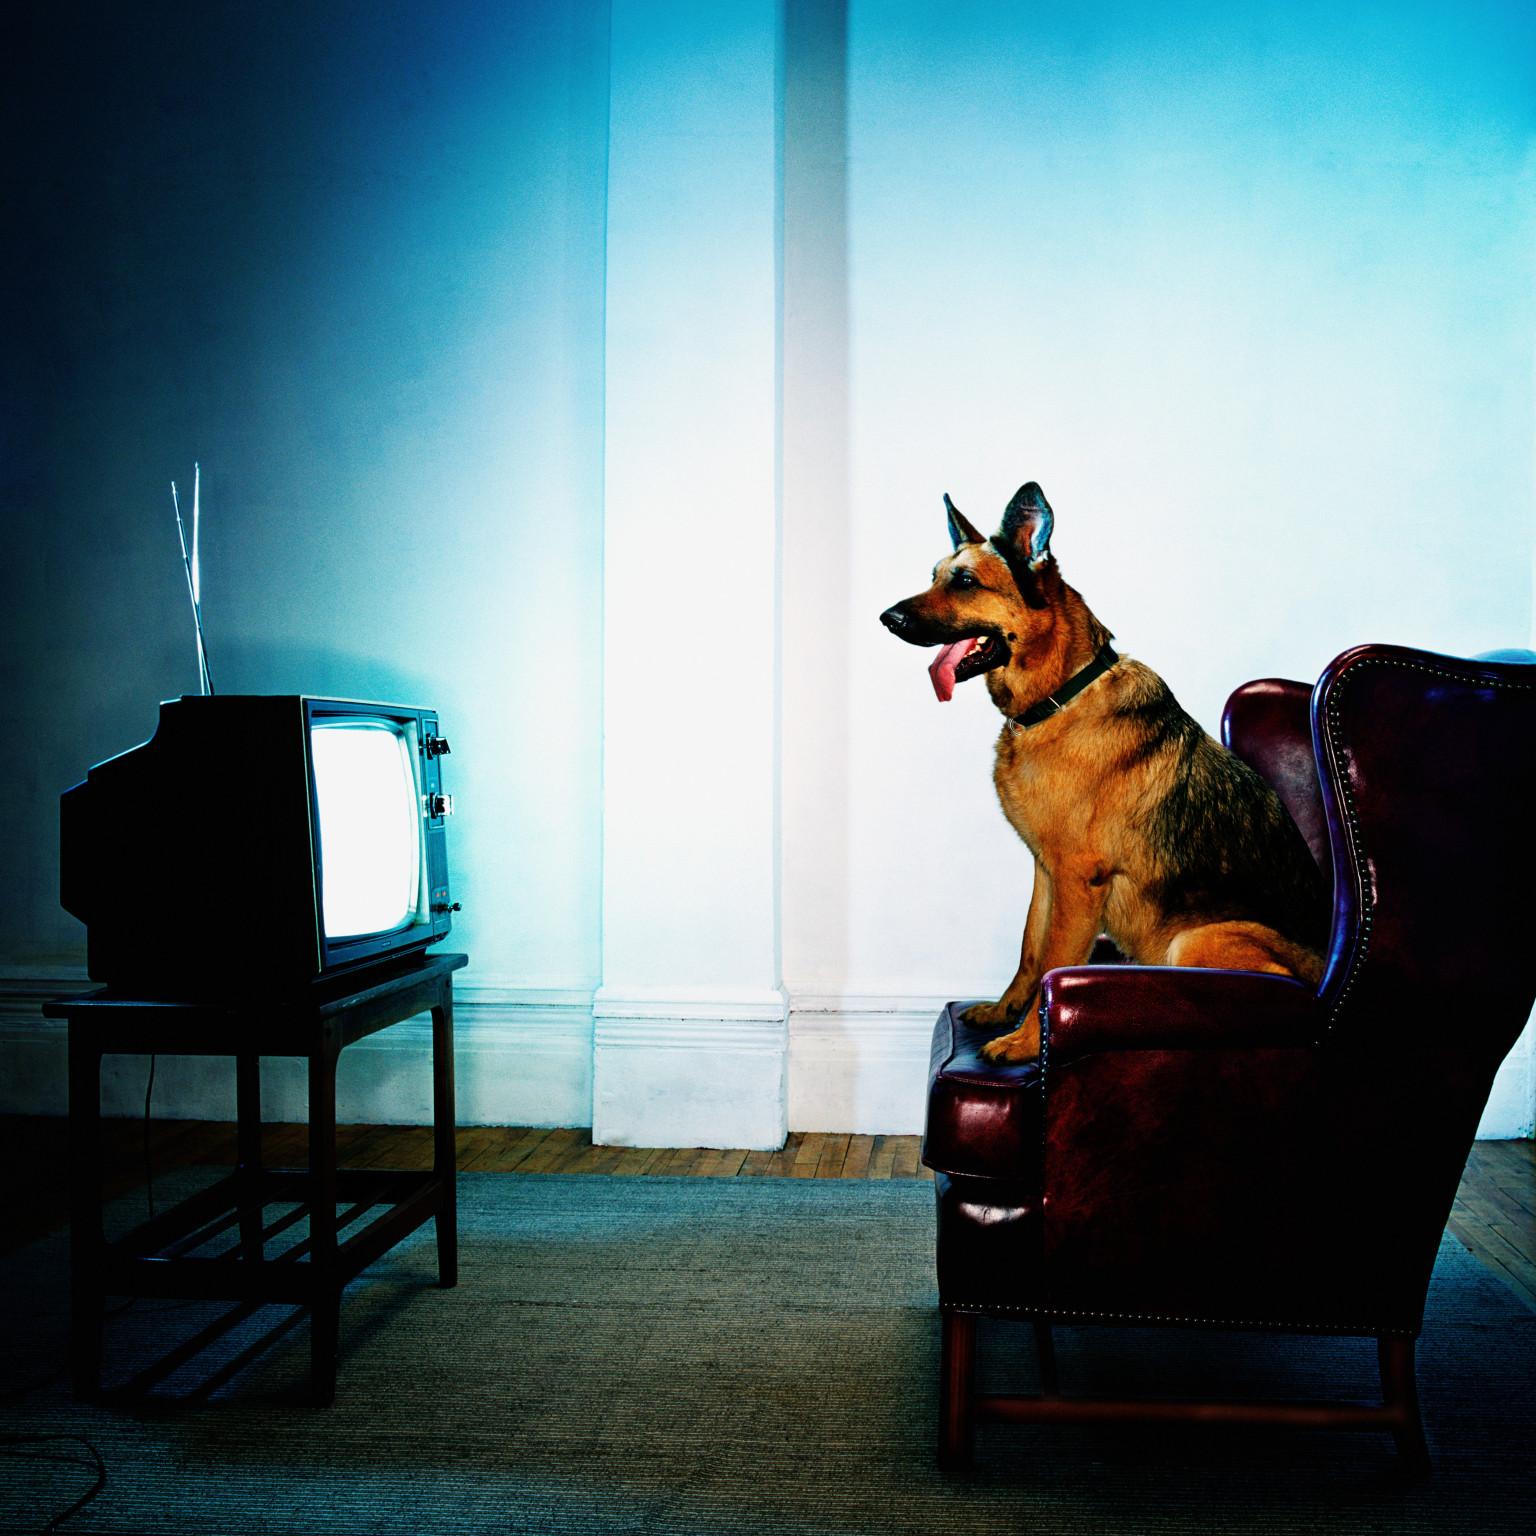 Weird Dog Watching Tv